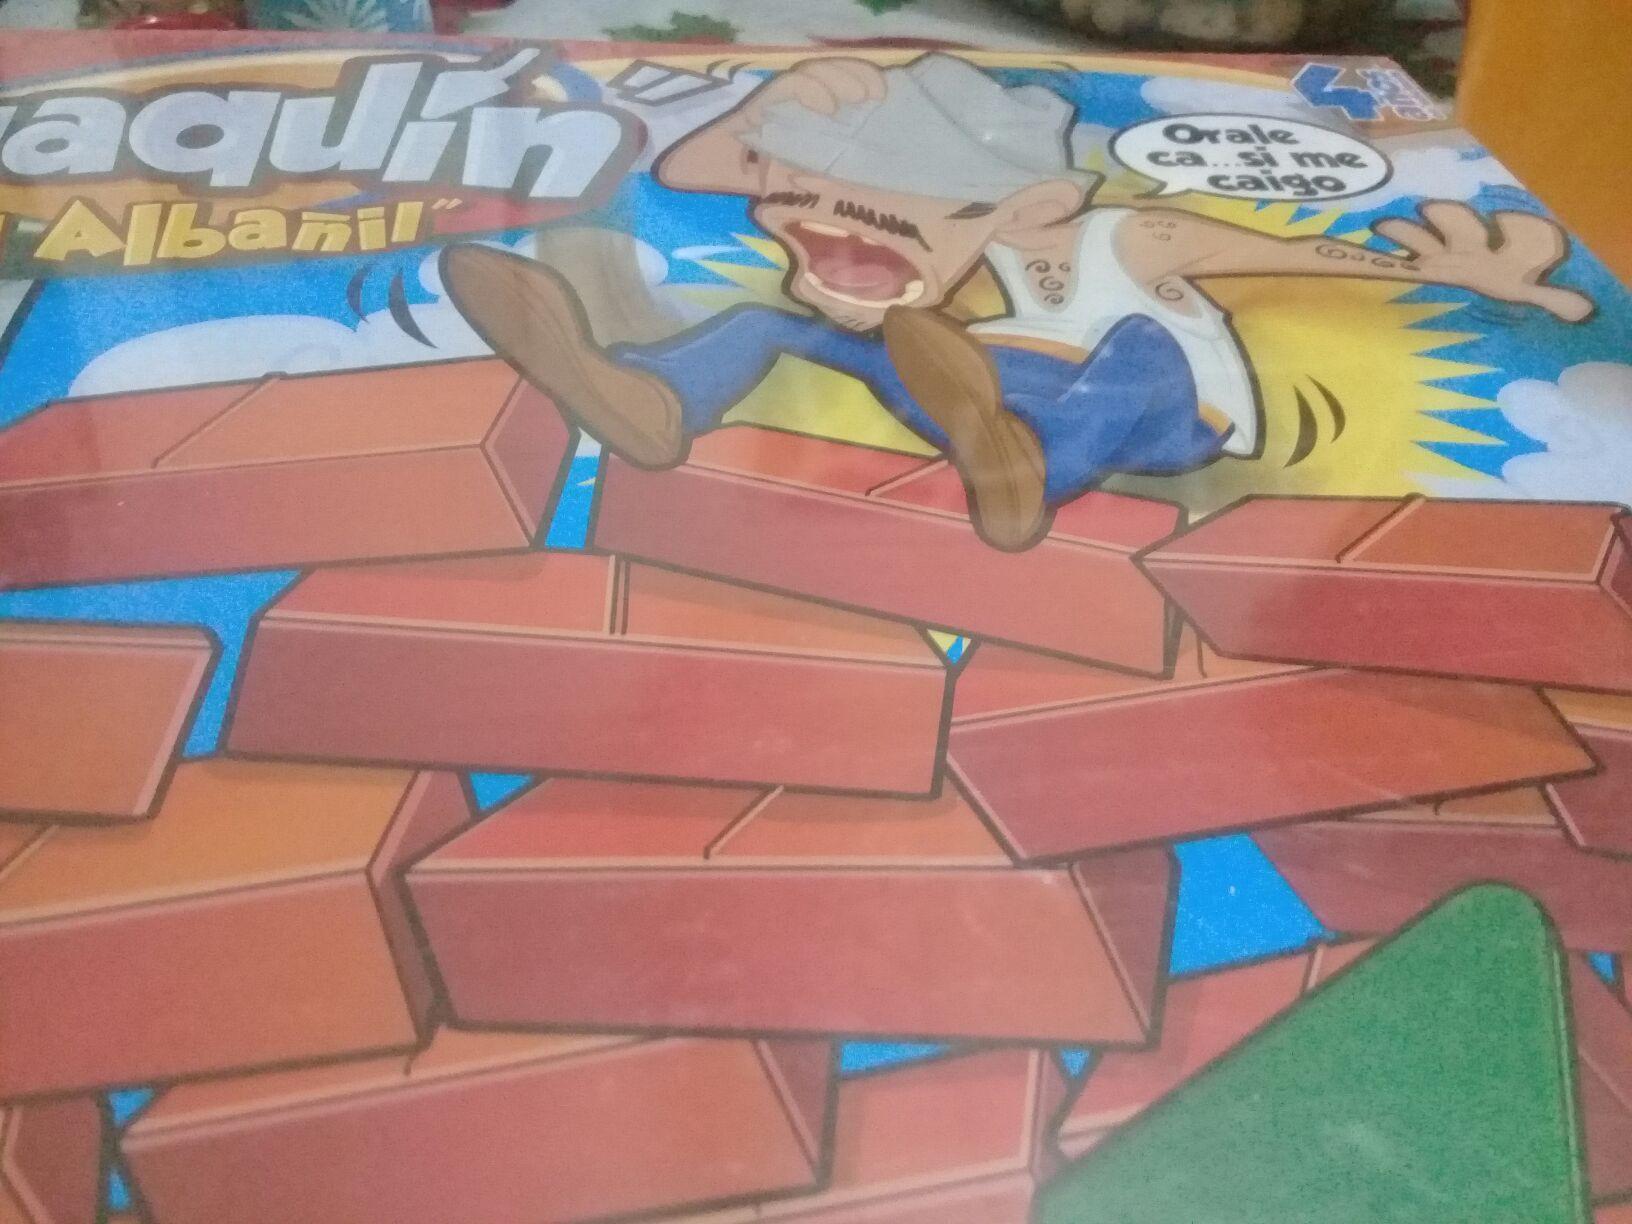 Bodega Aurrerá Costera Acapulco: joaquin el albañil en $35.01